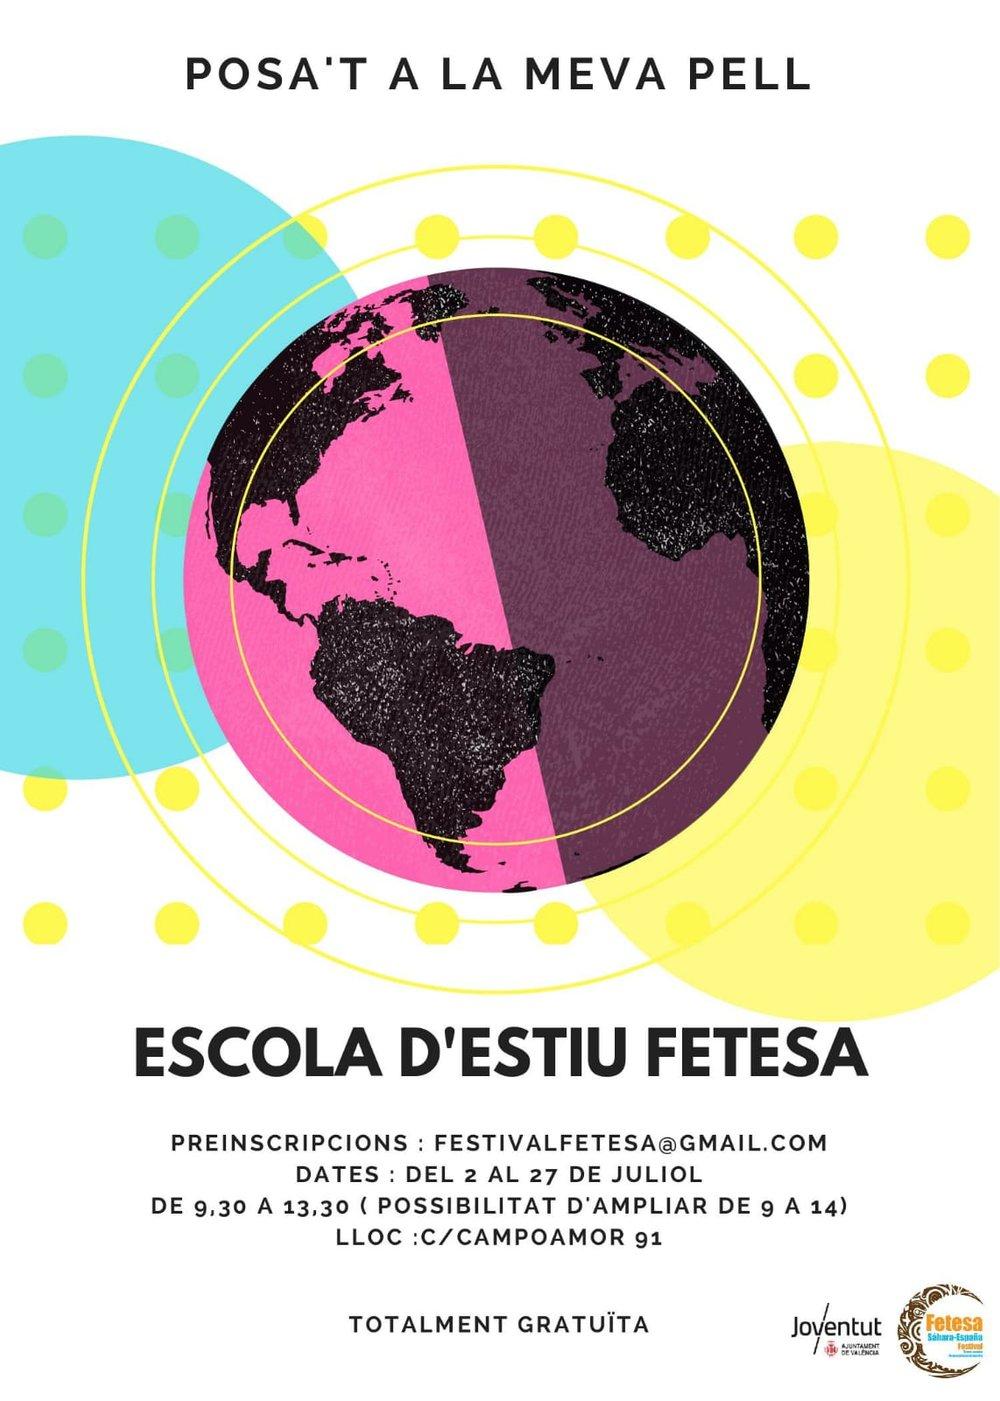 ESCOLA ESTIU - Des del projecte FETESA de La Monda Lironda Teatre amb col.laboració amb el projecte Vacances en Pau,impulsem amb la Regidoria de Joventut de València, l'escola d'estiu d.art i cooperació